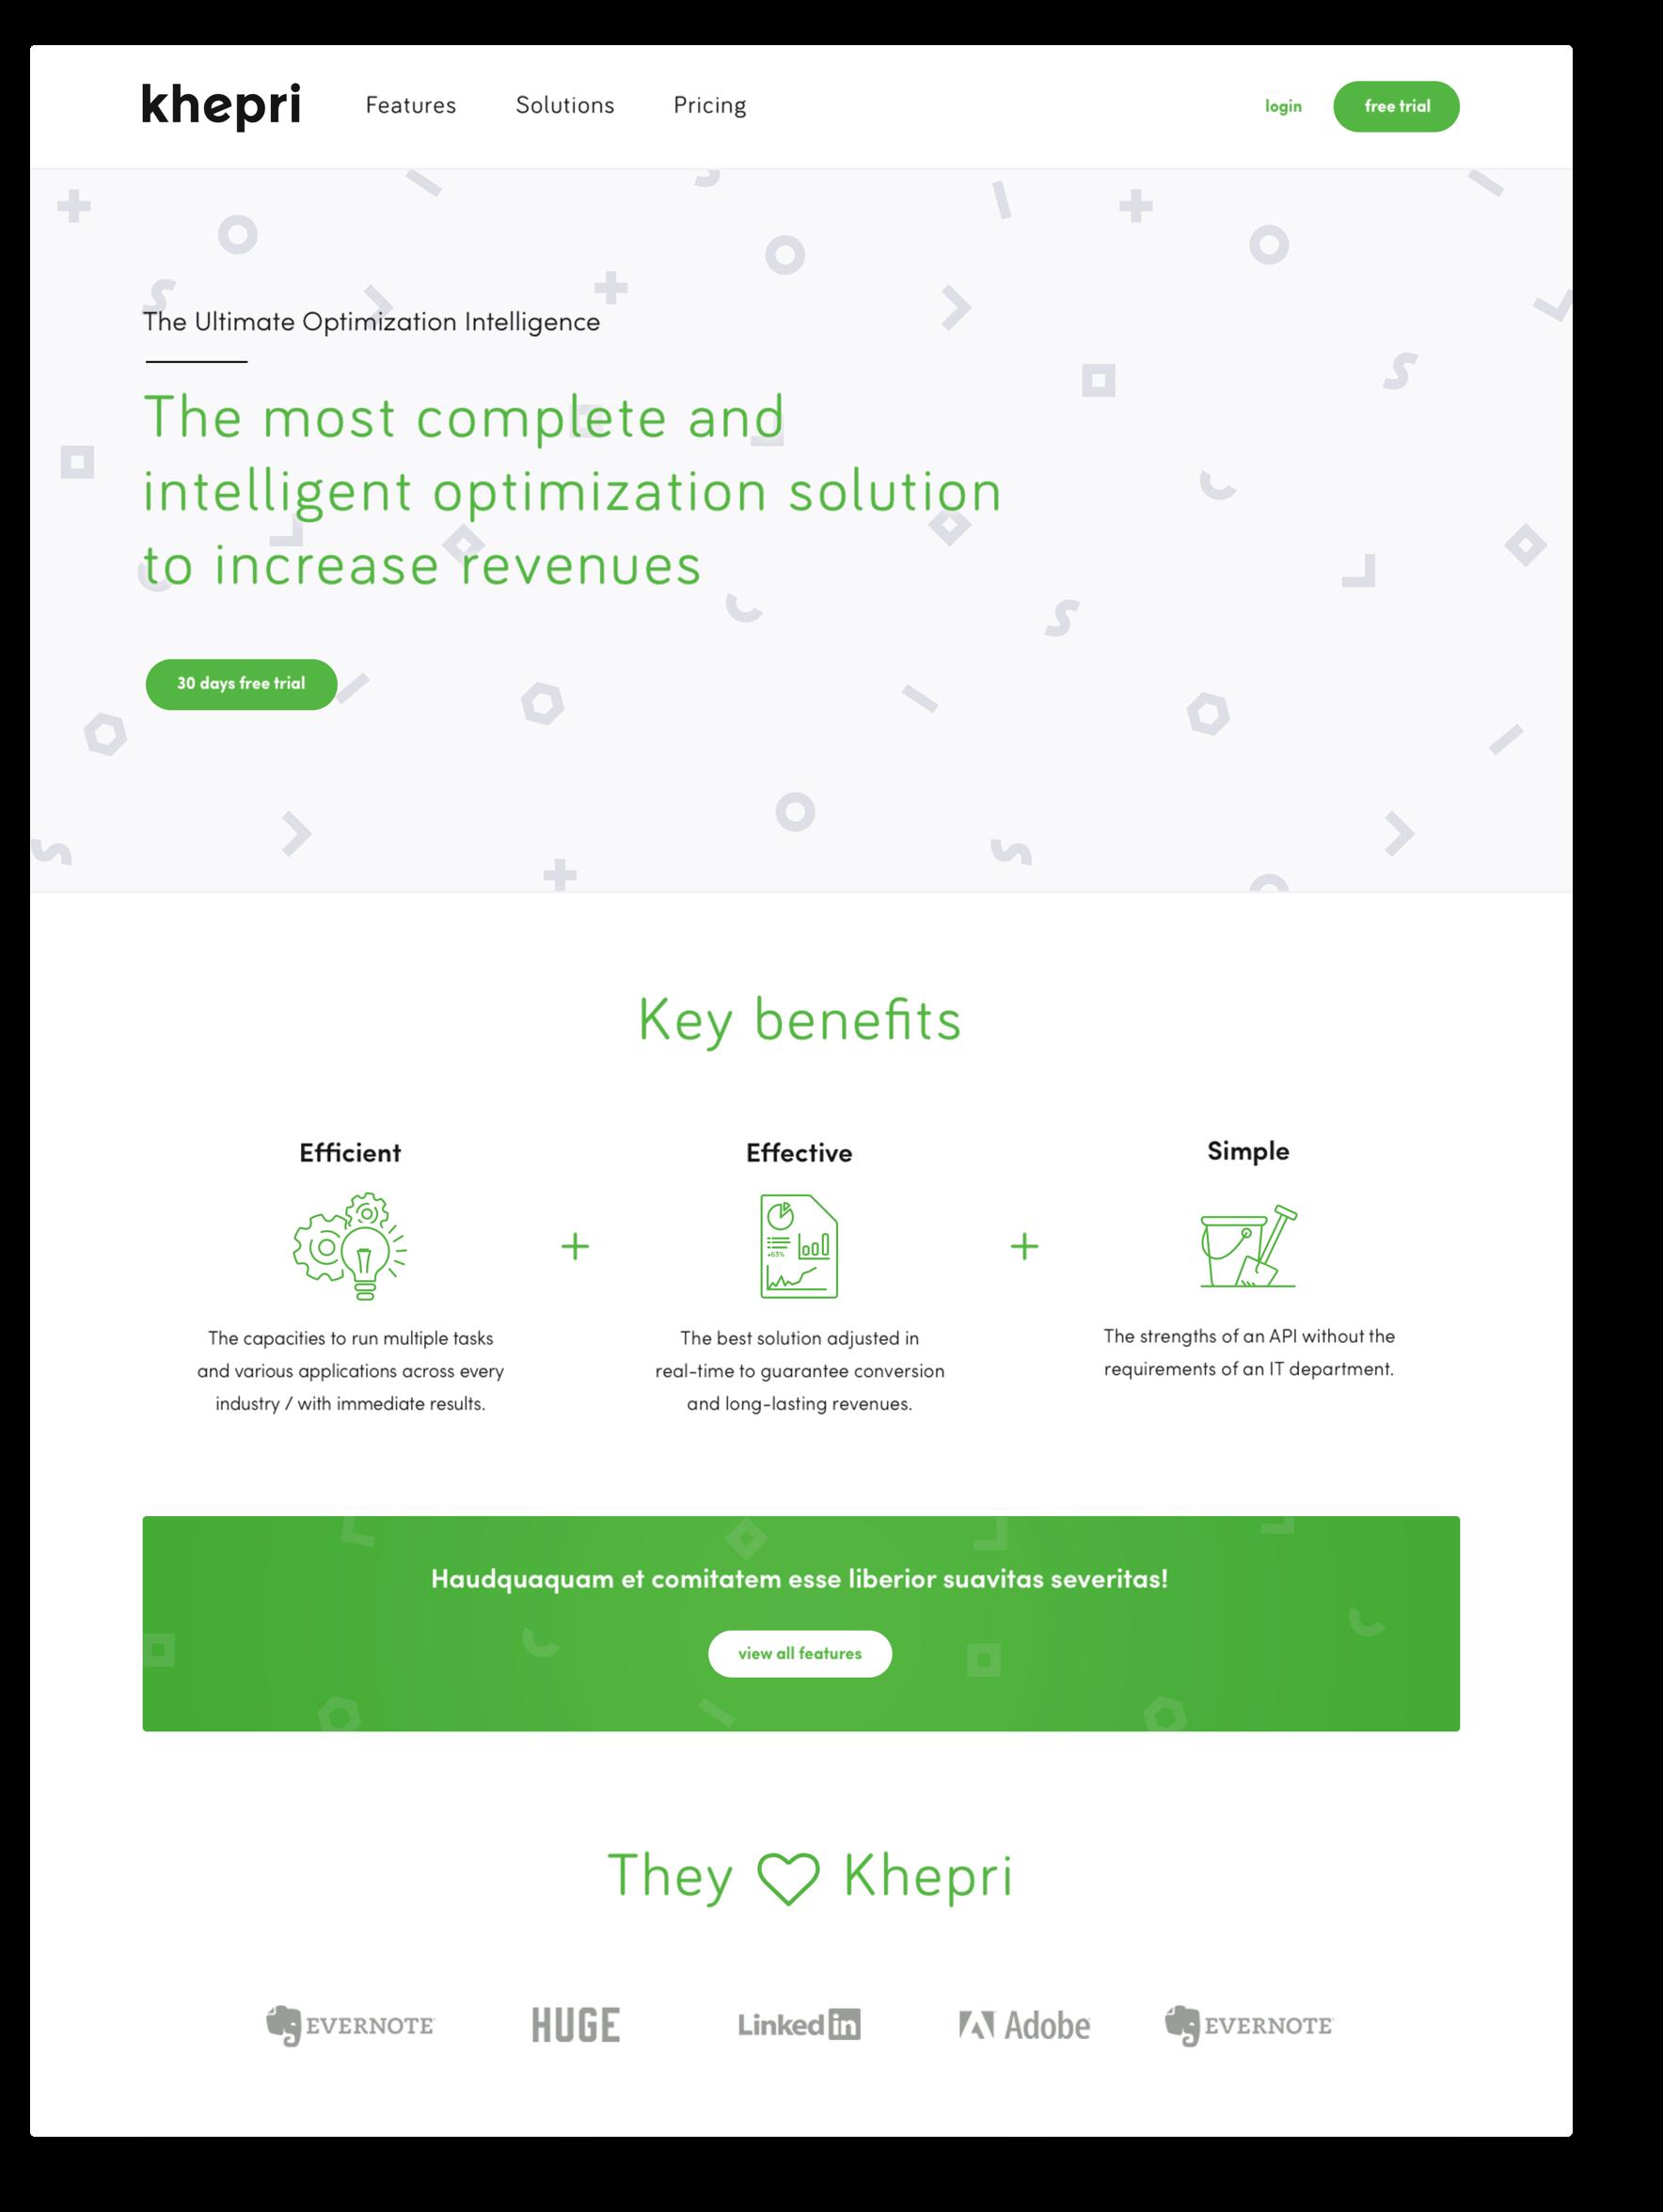 projet-khepri-website-robin_p-designer_01@2x